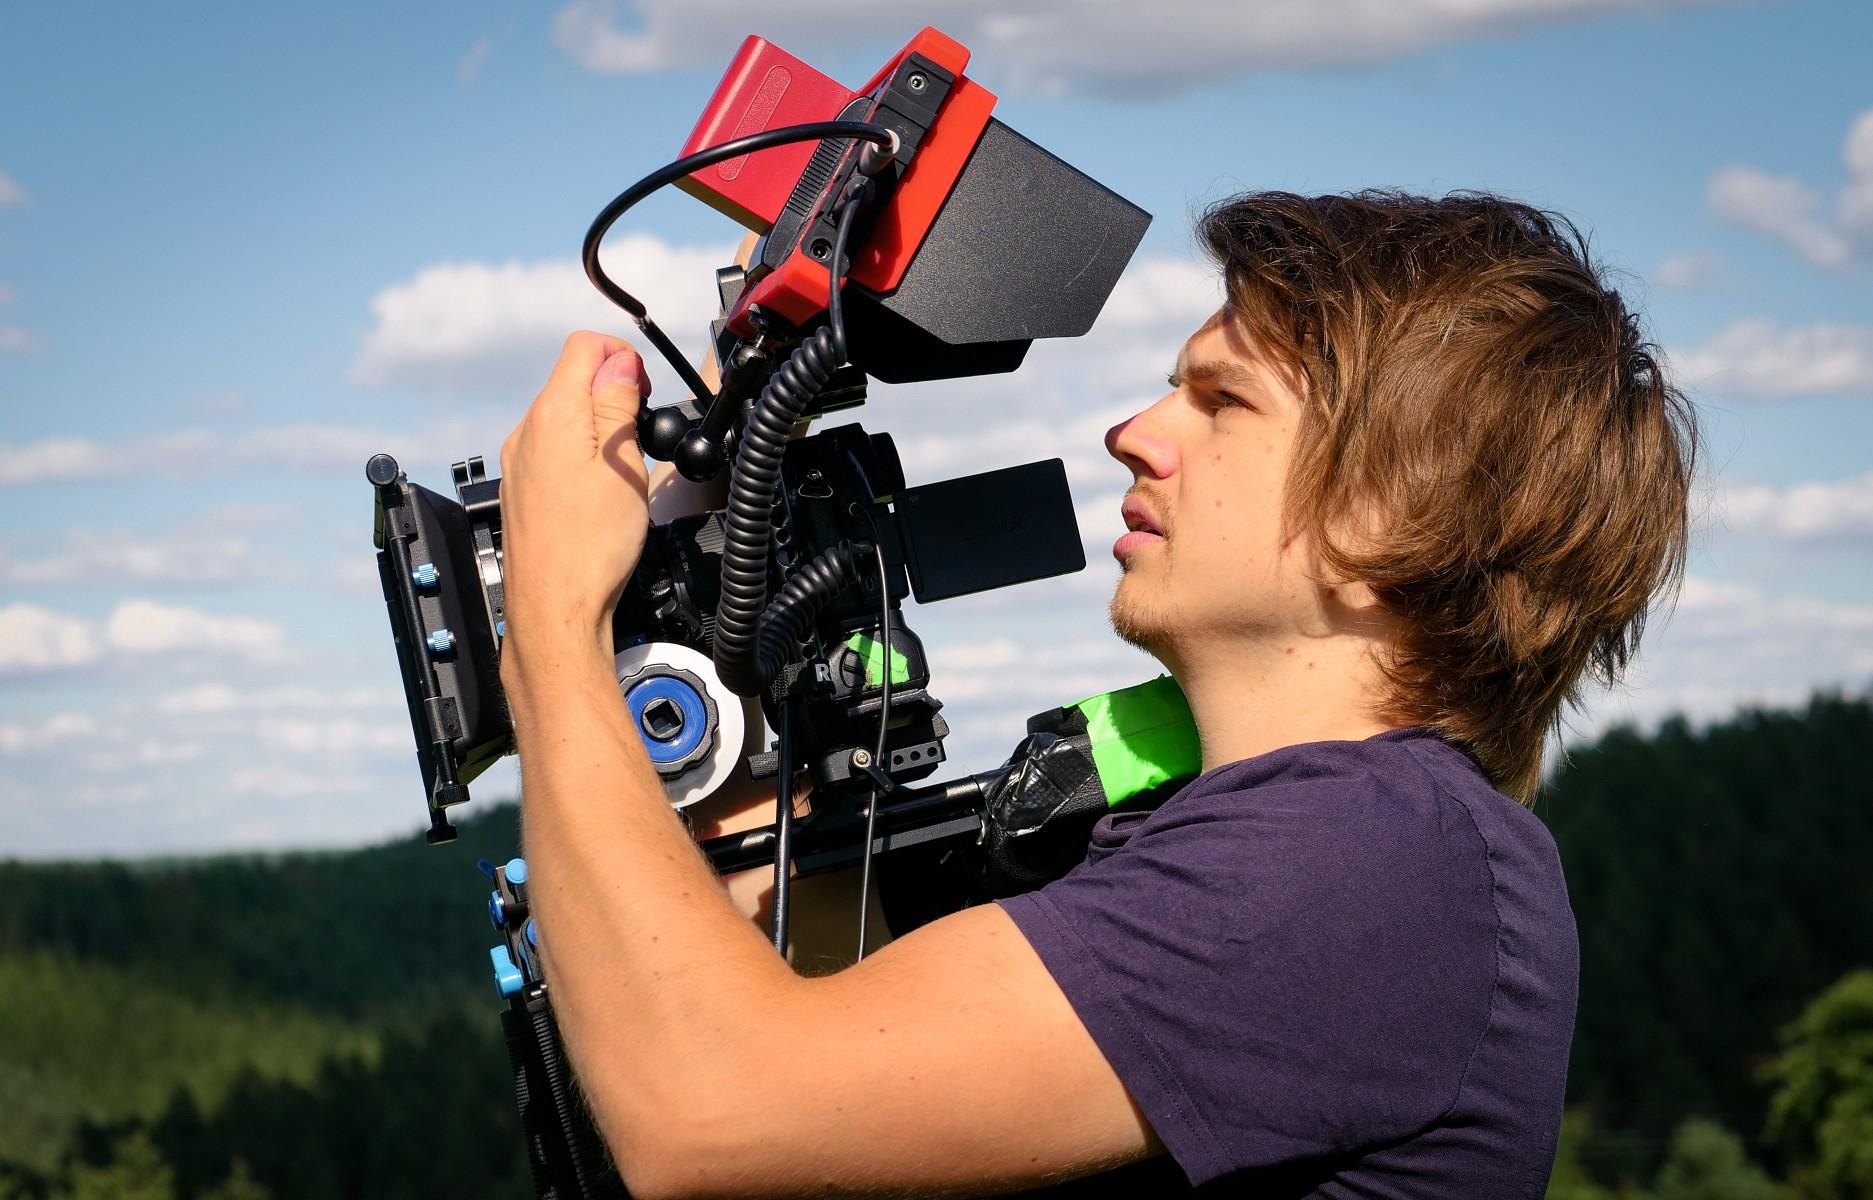 pDavid-Cebulla-ist-als-Filmemacher-Regisseur-Protagonist-Kameramann-und-Cutter-in-einer-Personp